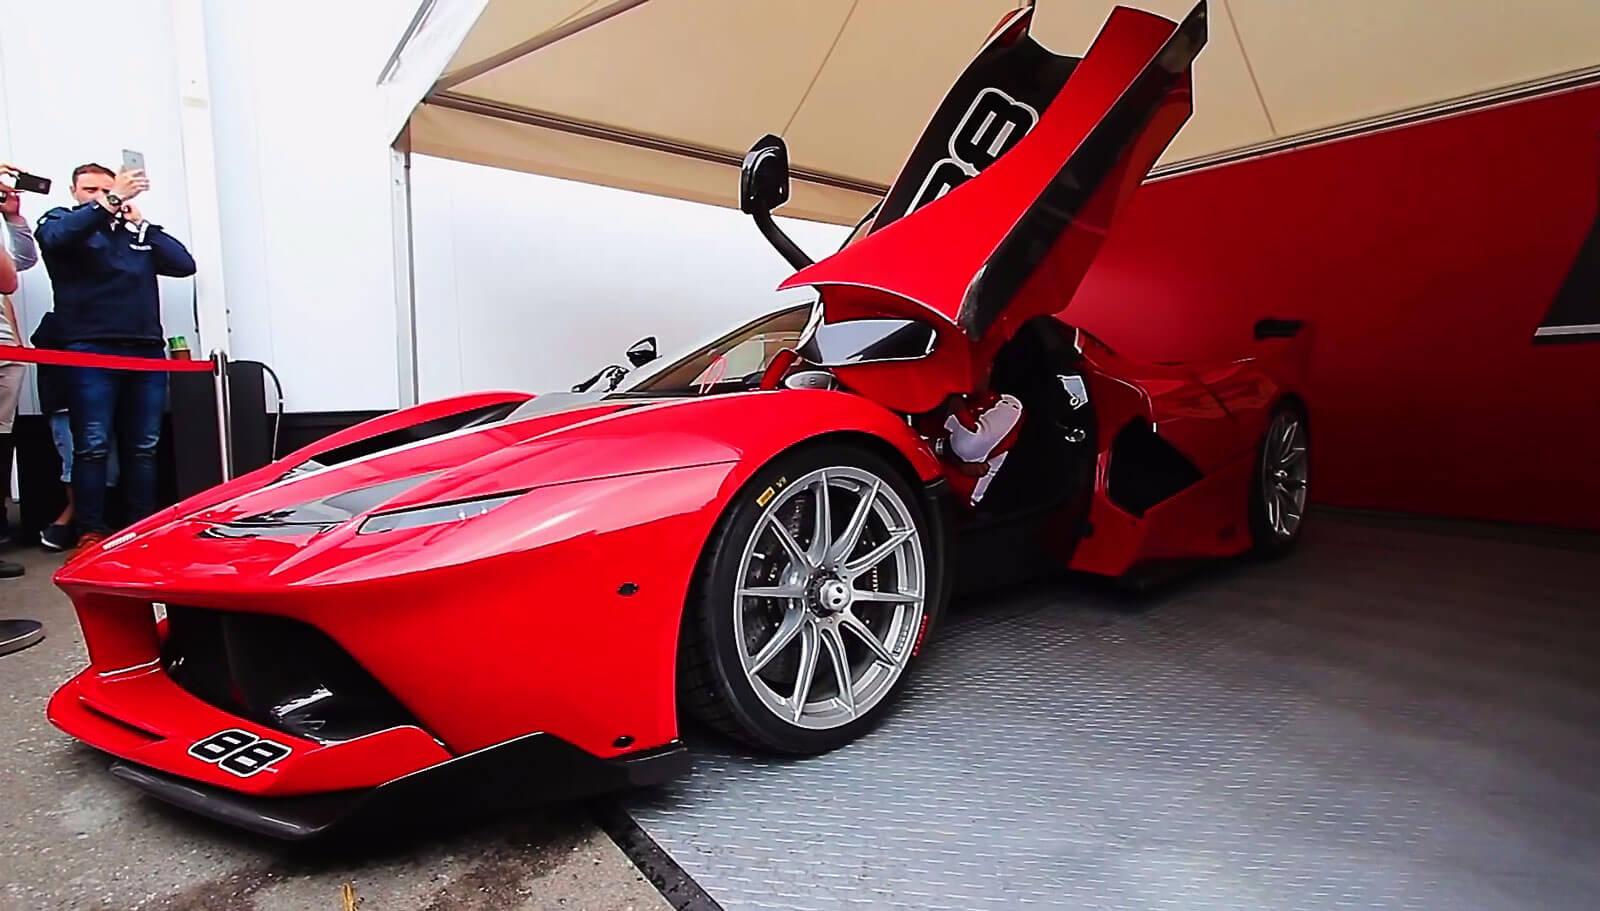 Ferrari on RaceDeck Diamond alloy